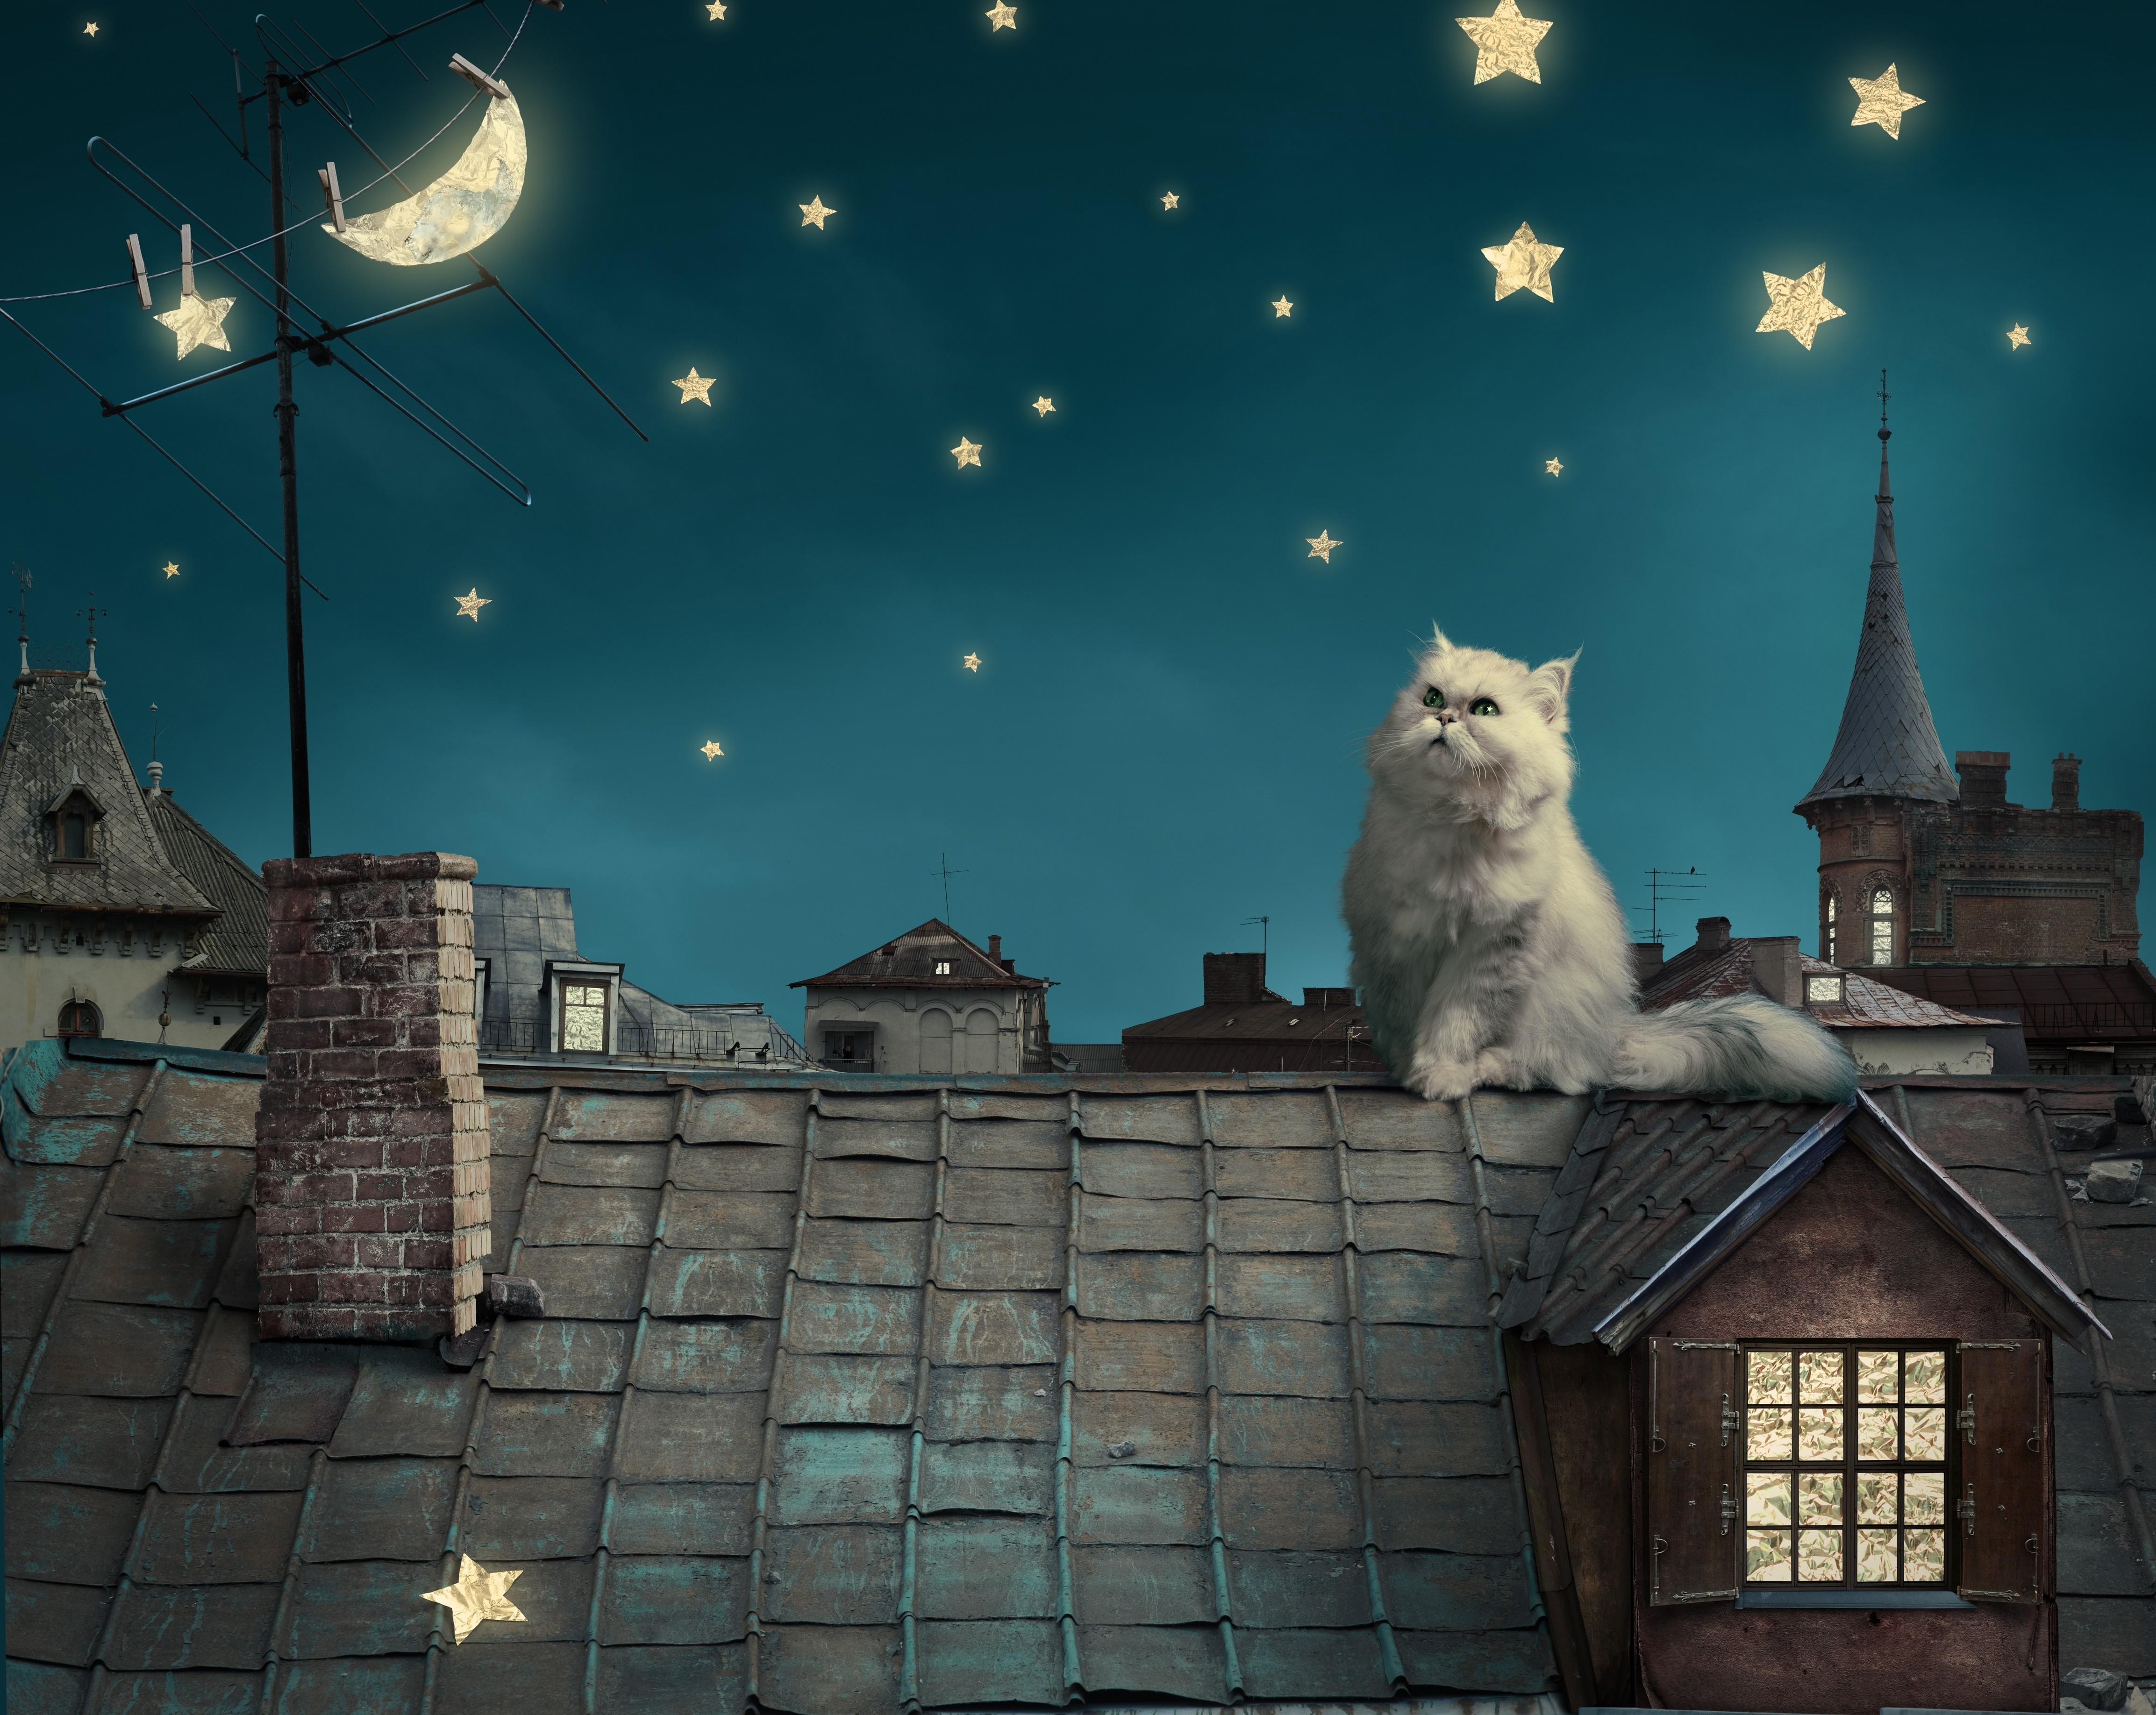 cat moon stars digital art dreamy 1574938041 - Cat Moon Stars Digital Art Dreamy -